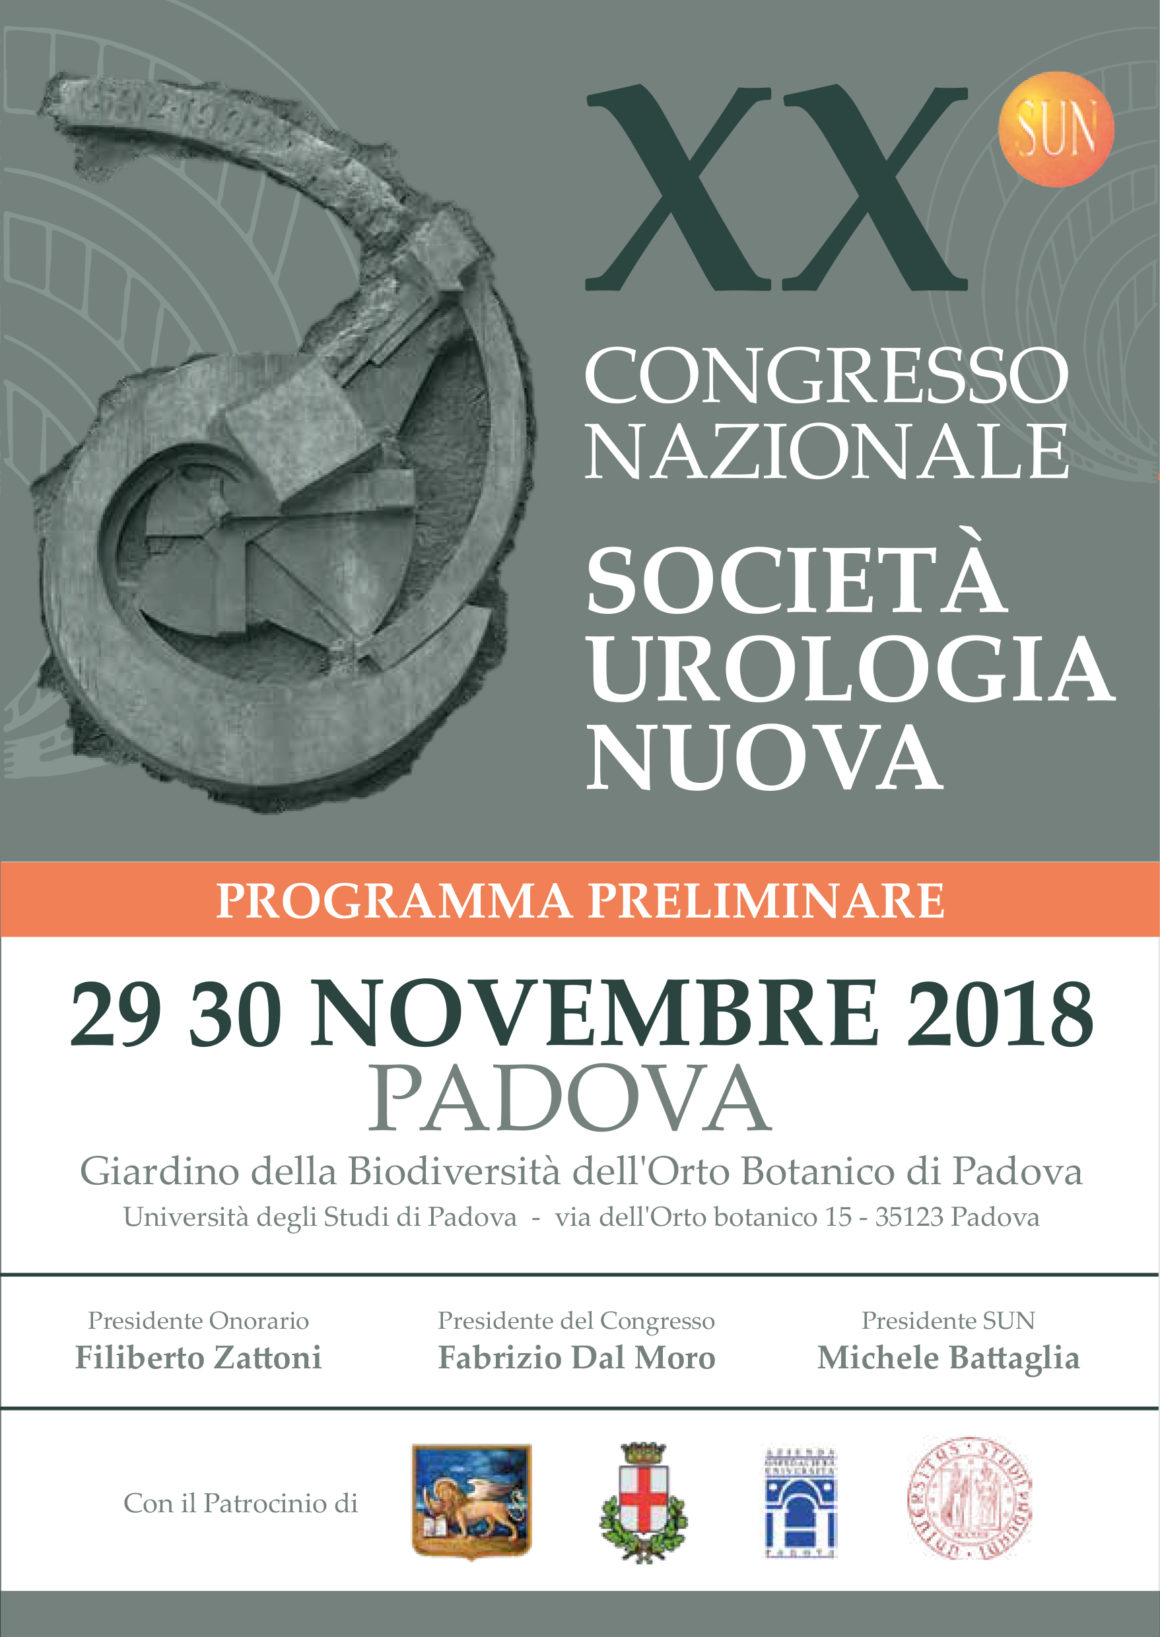 XX Congresso Nazionale Società Urologia Nuova – Padova – 29-30 Novembre 2018